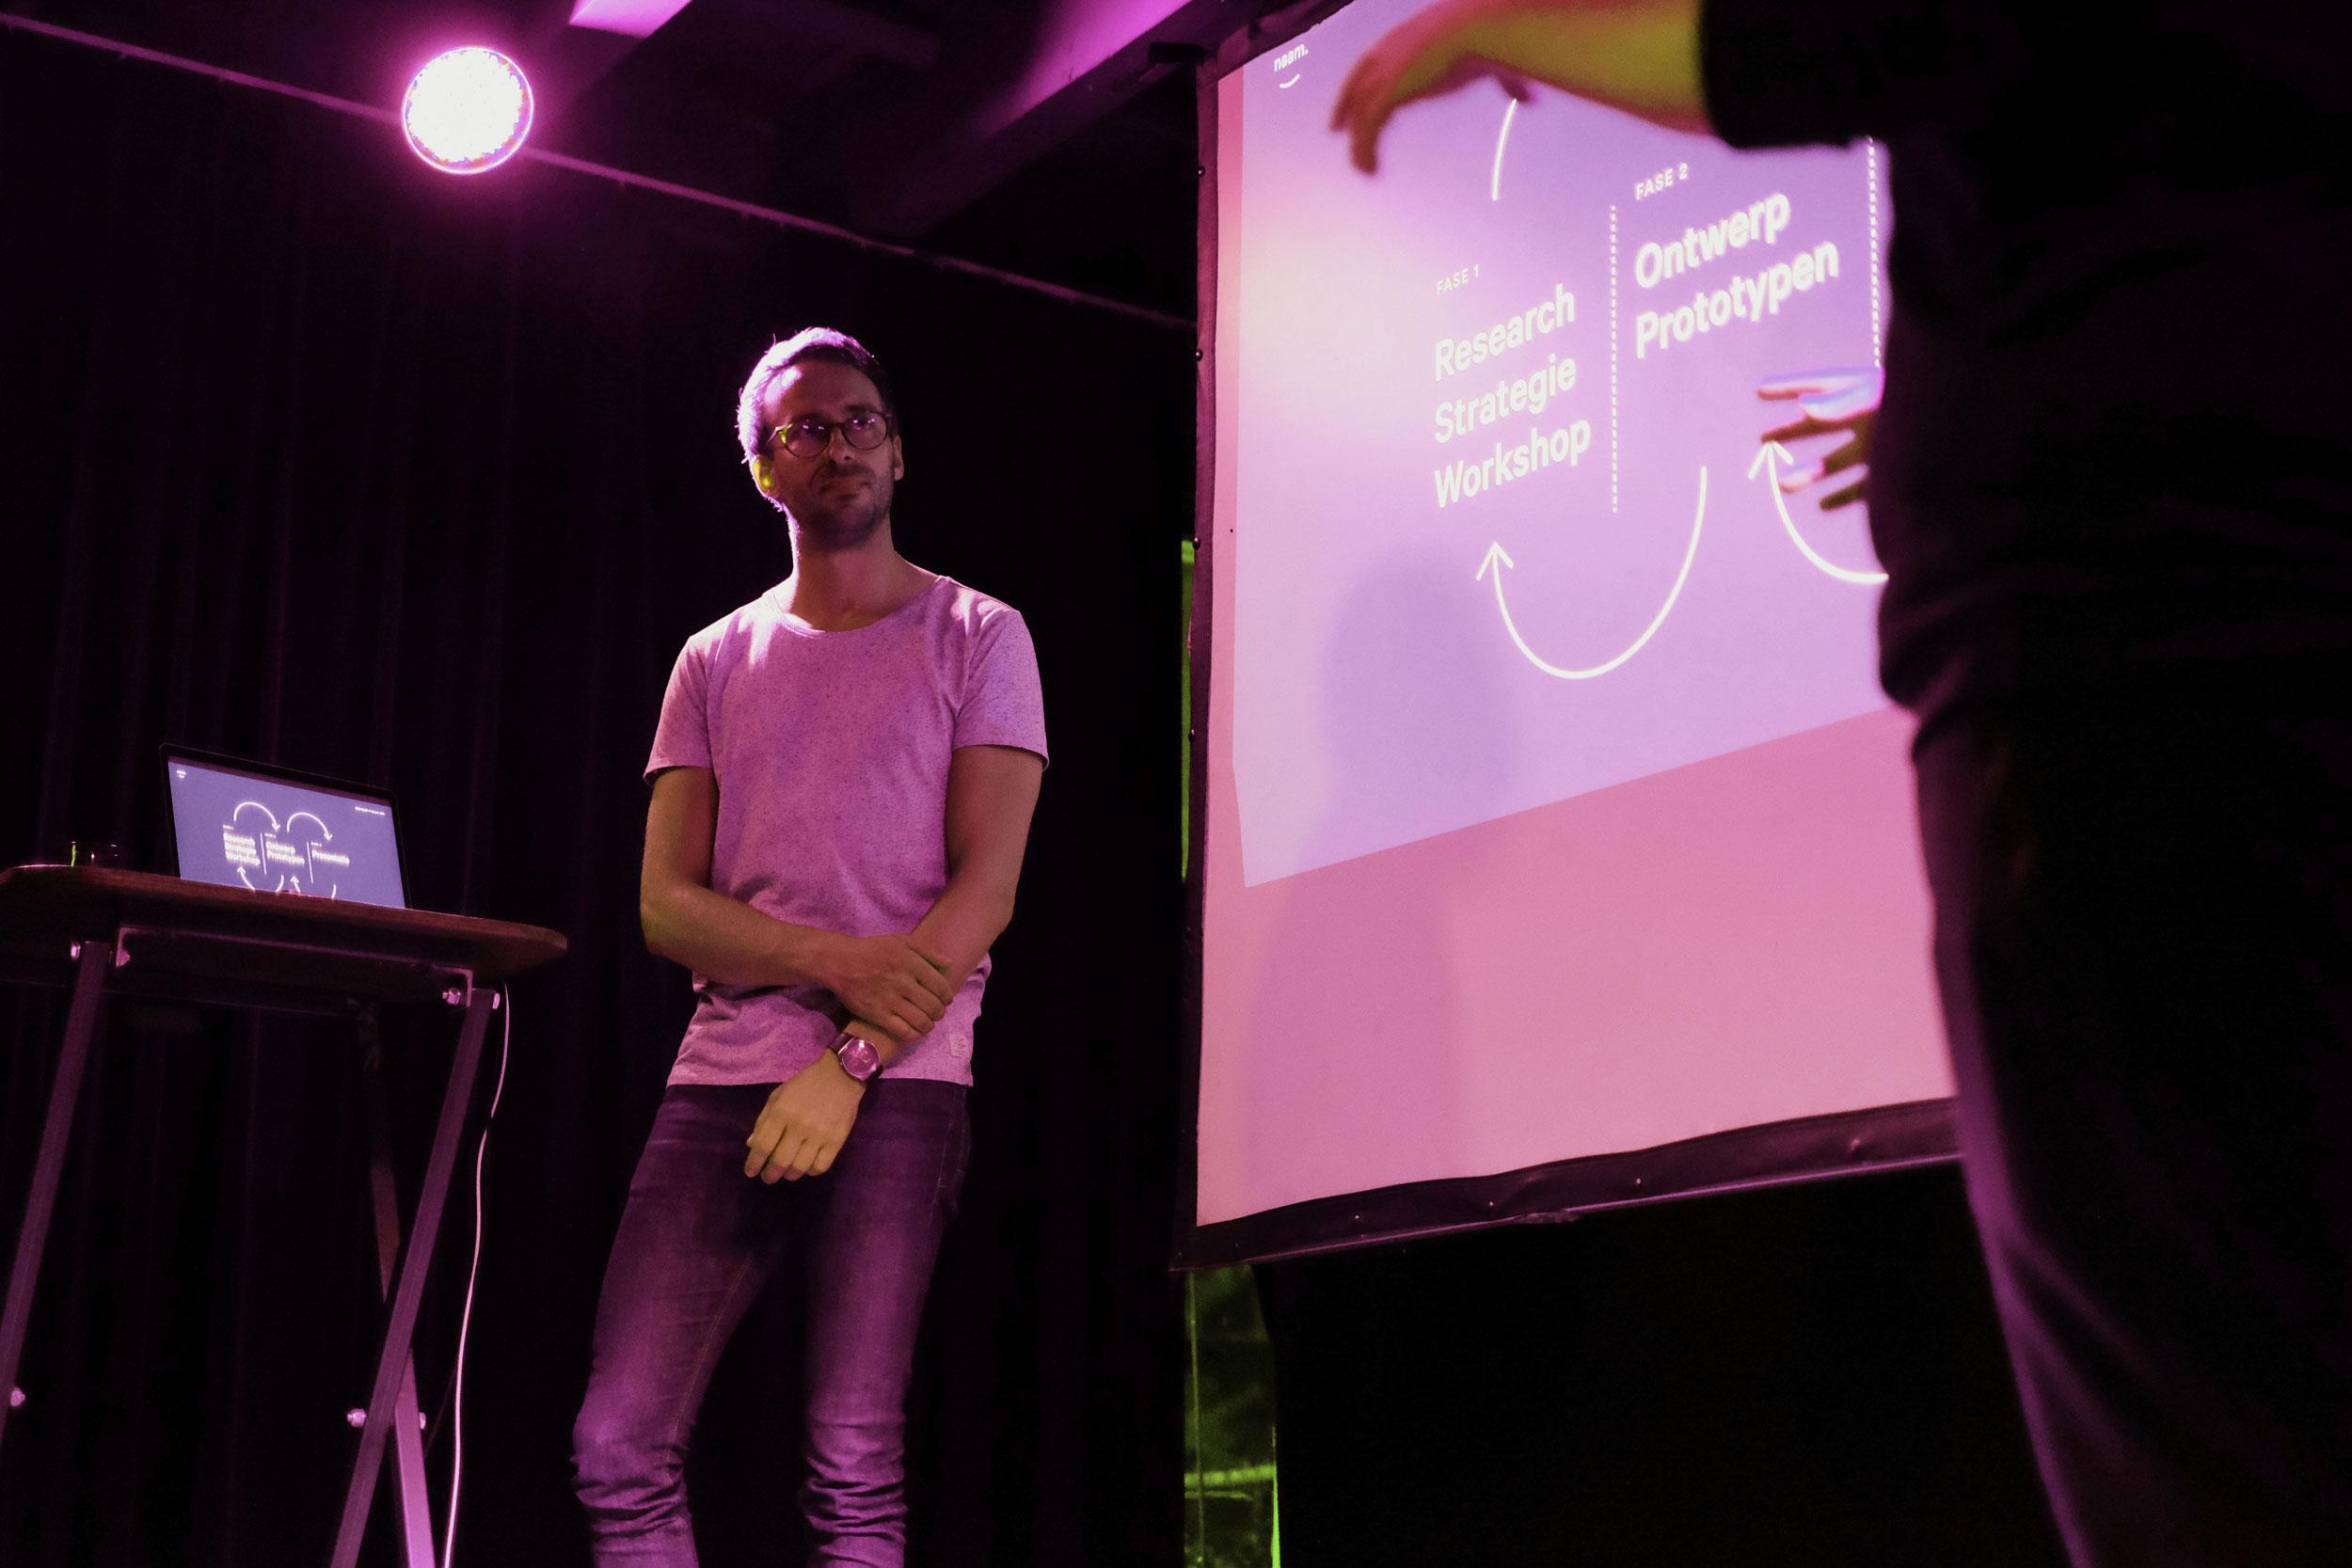 Twee personen op podium spreken over Naam's werkwijzes